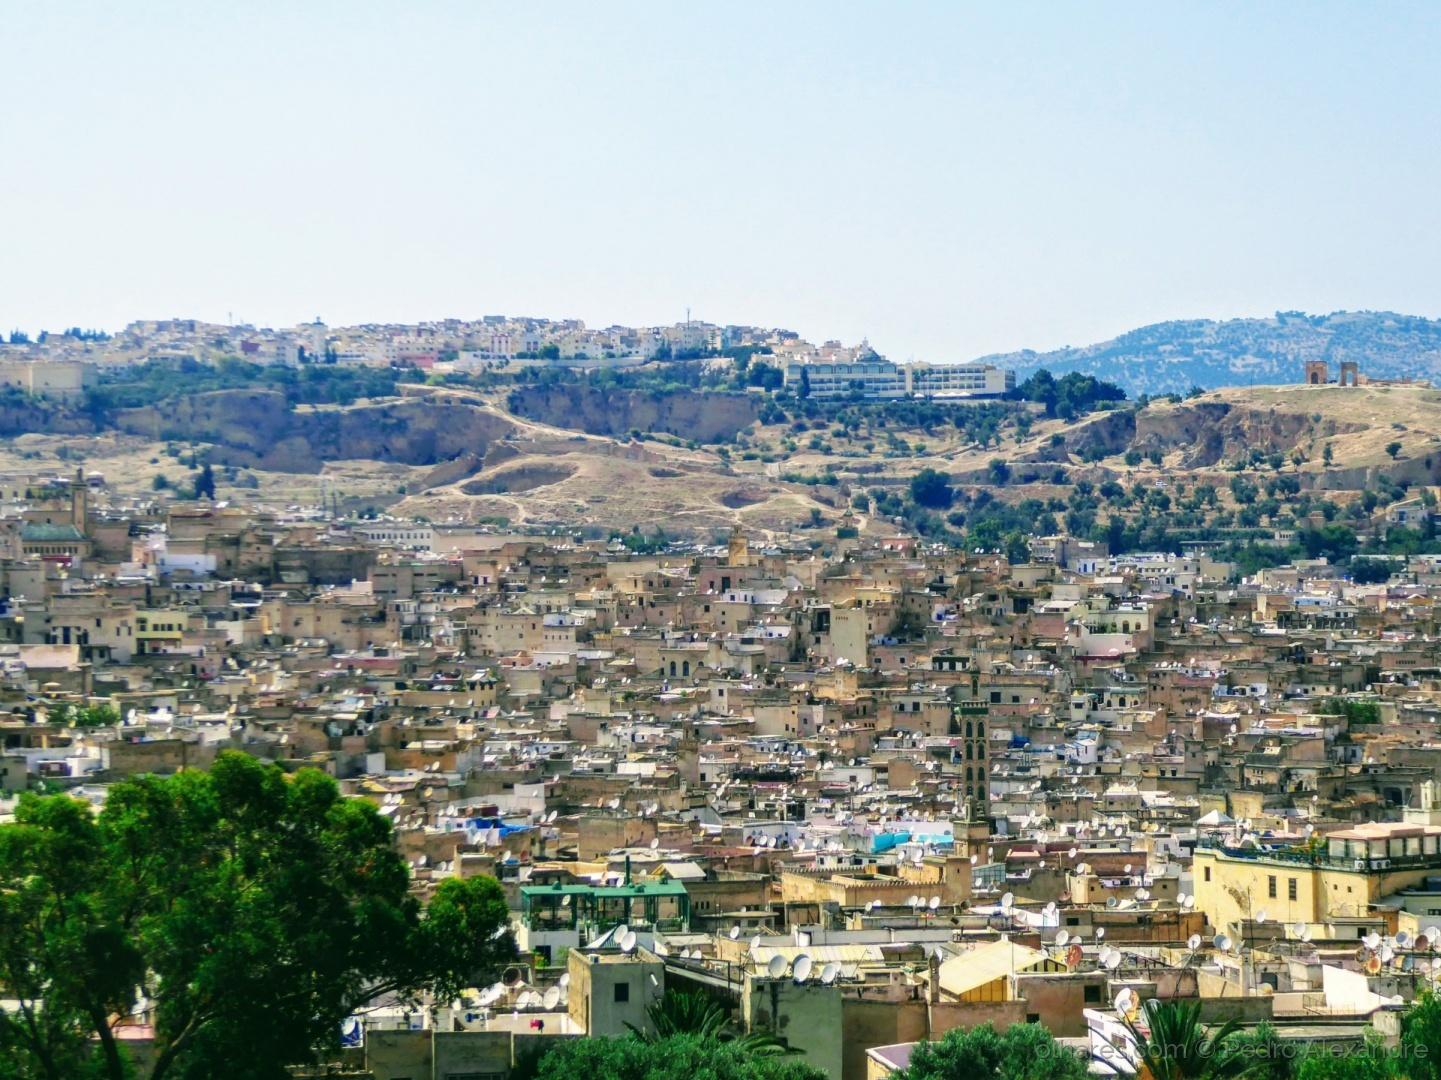 Paisagem Urbana/Vista panorâmica de Fez